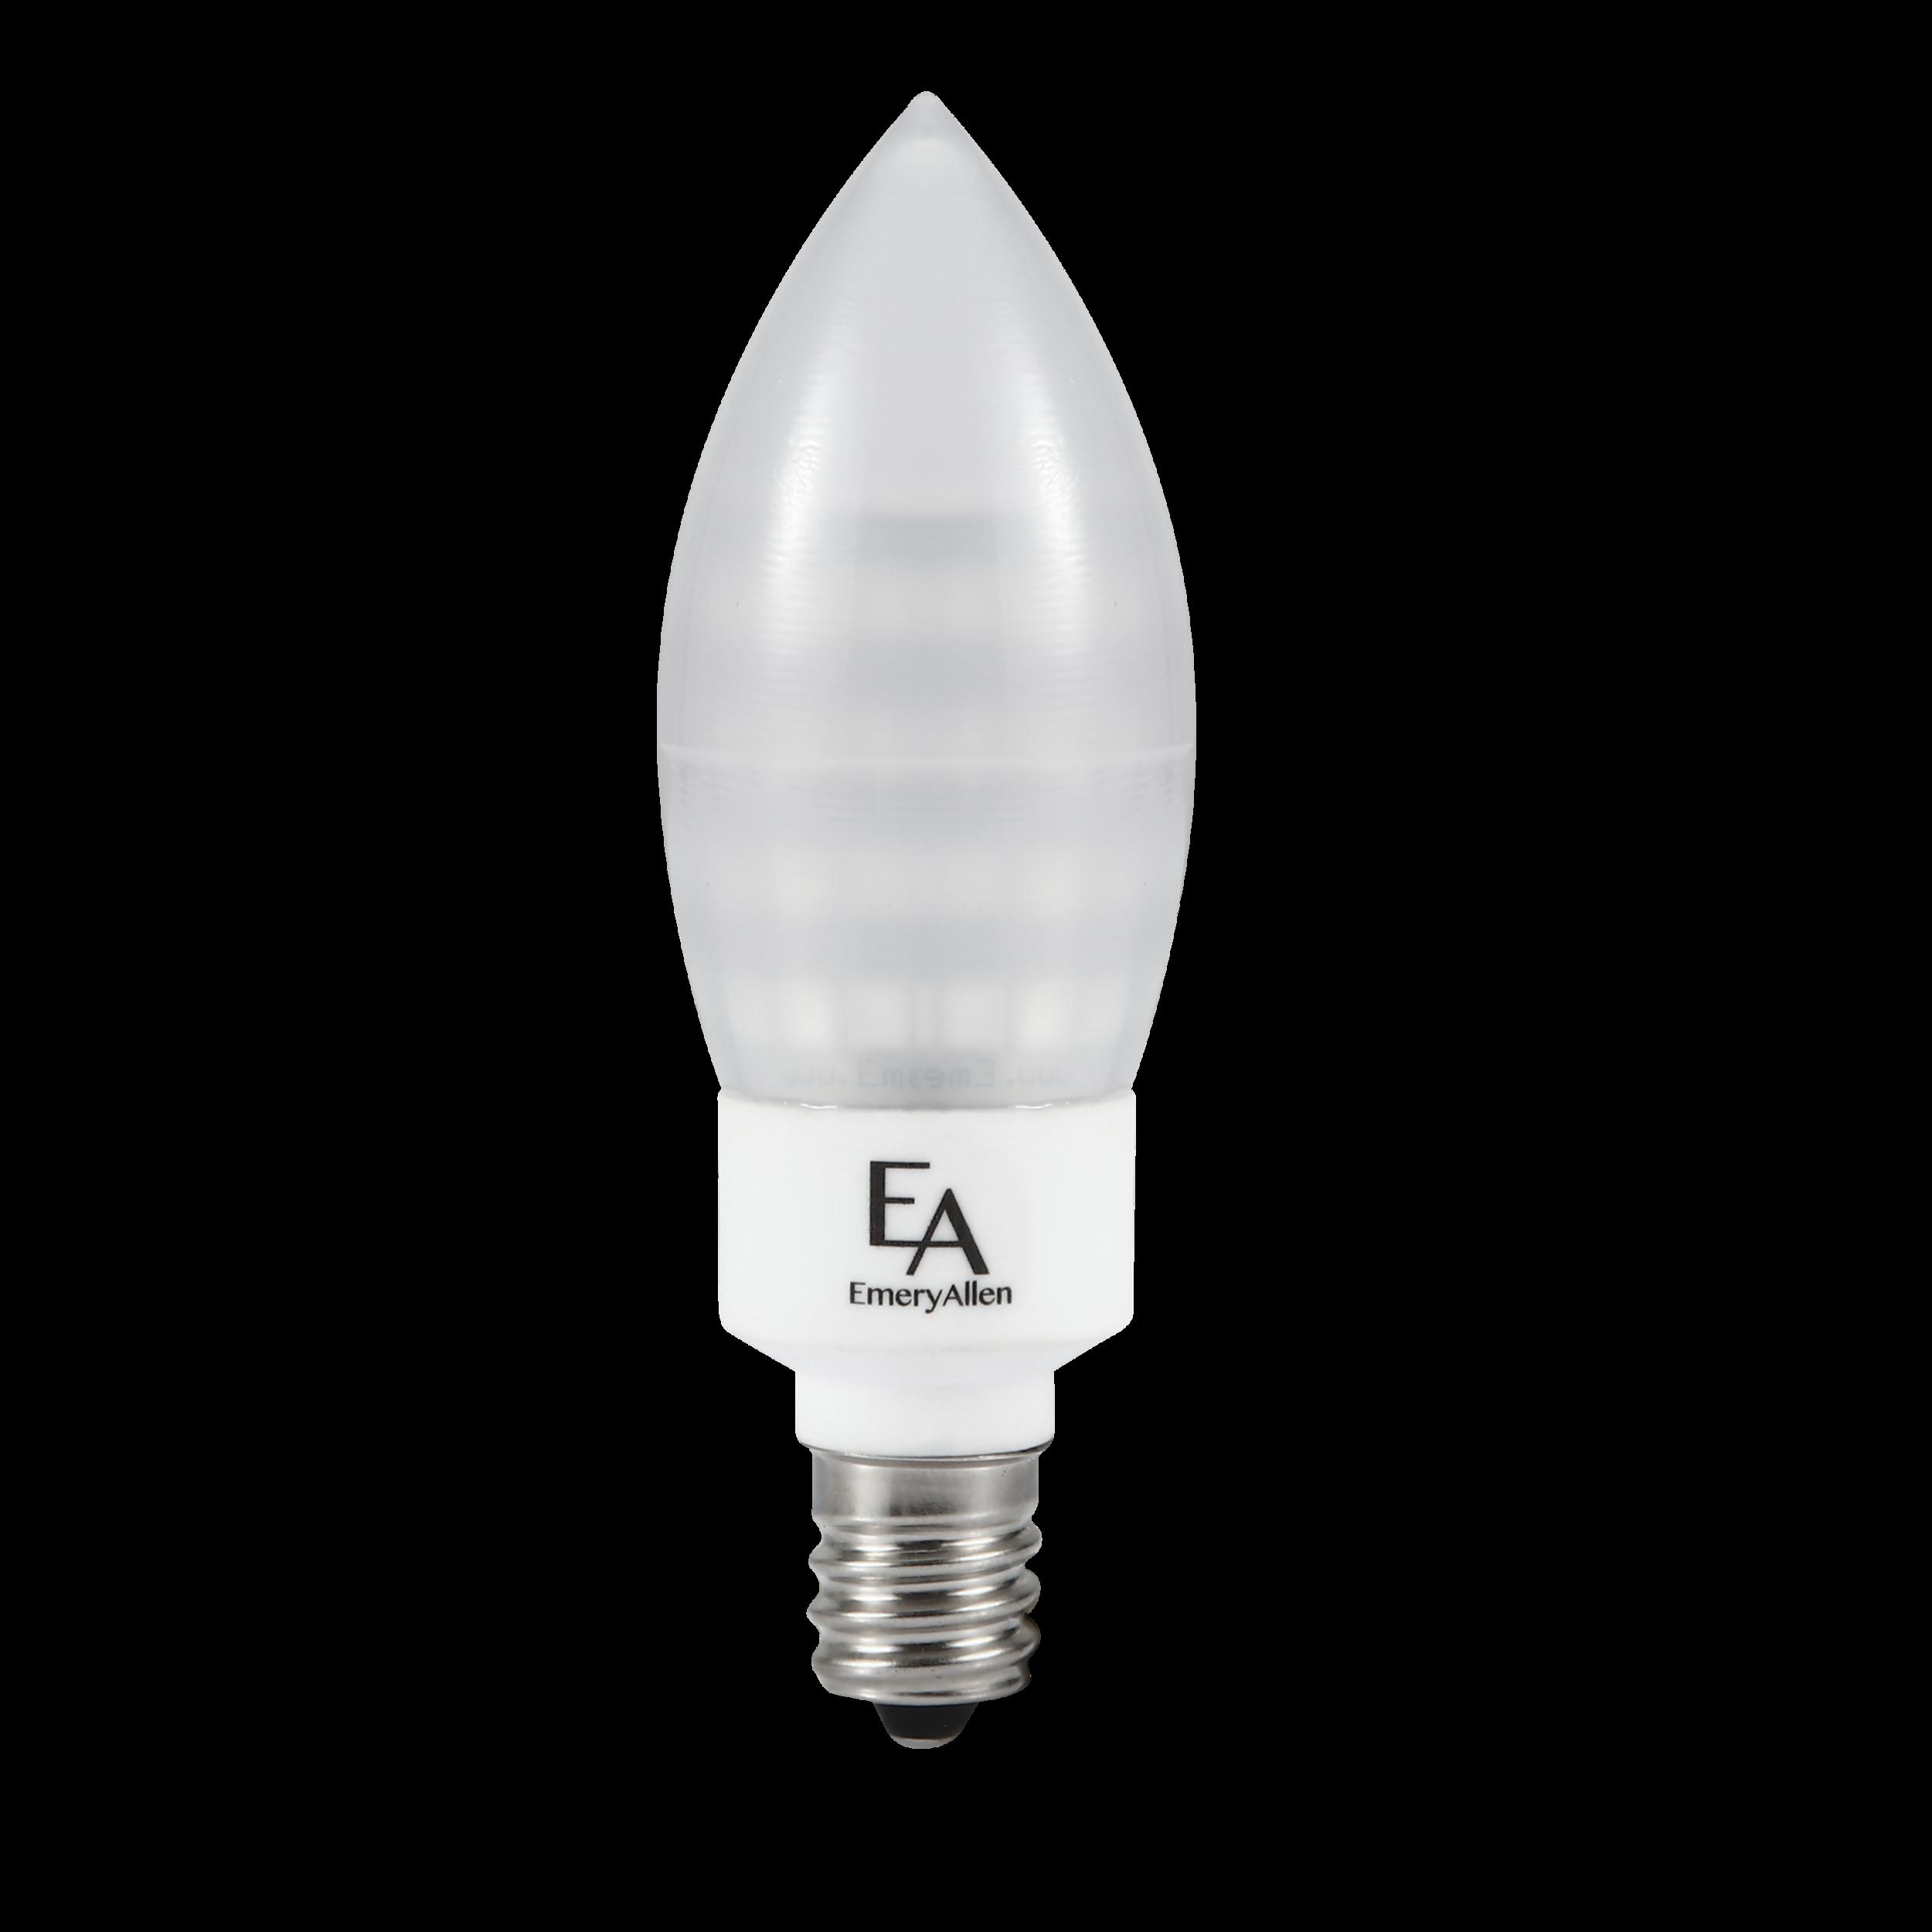 E12 3.0W Candle